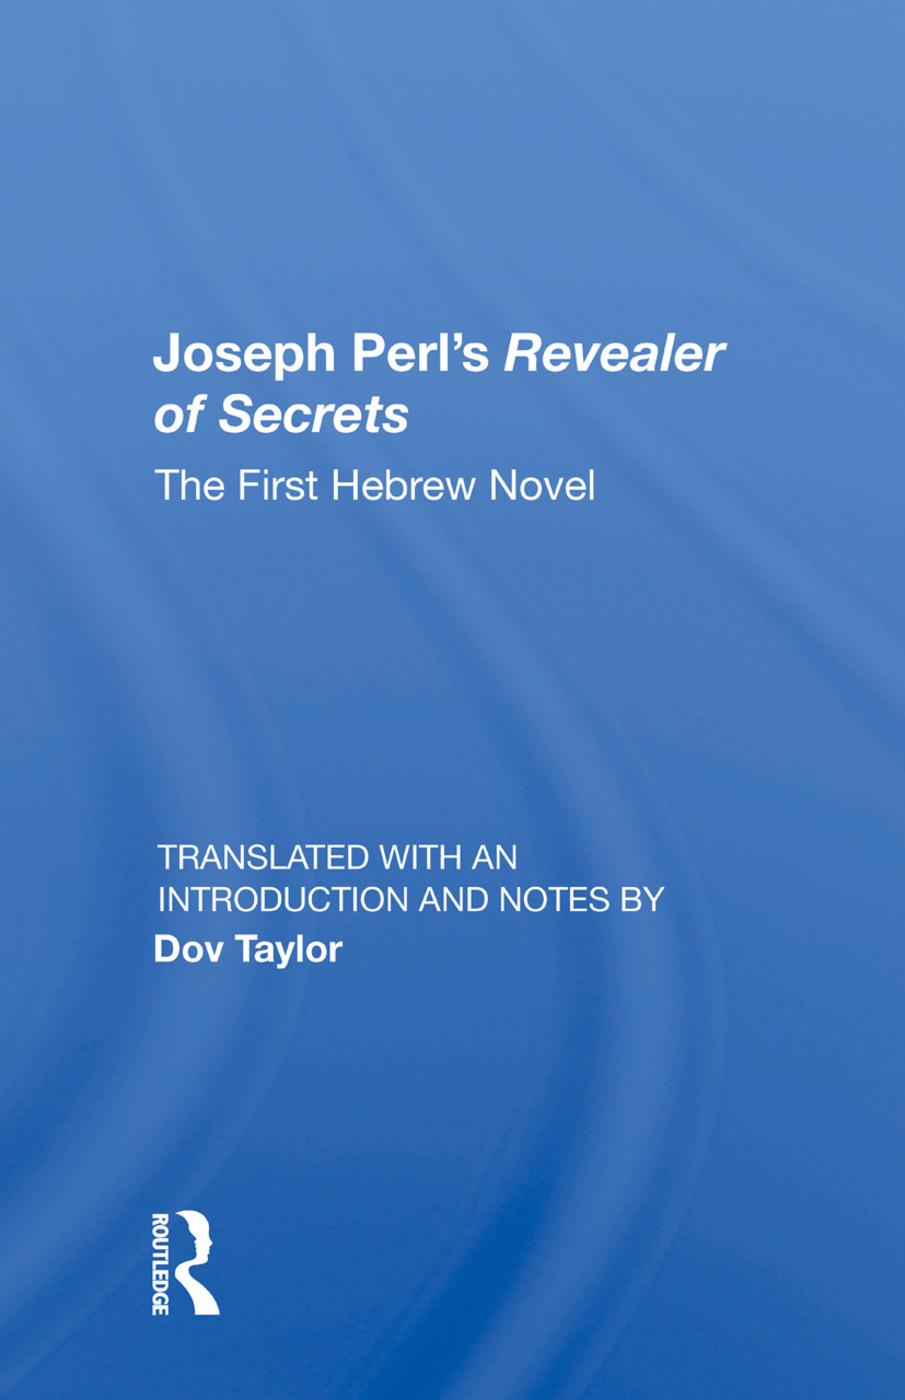 Joseph Perl's Revealer of Secrets